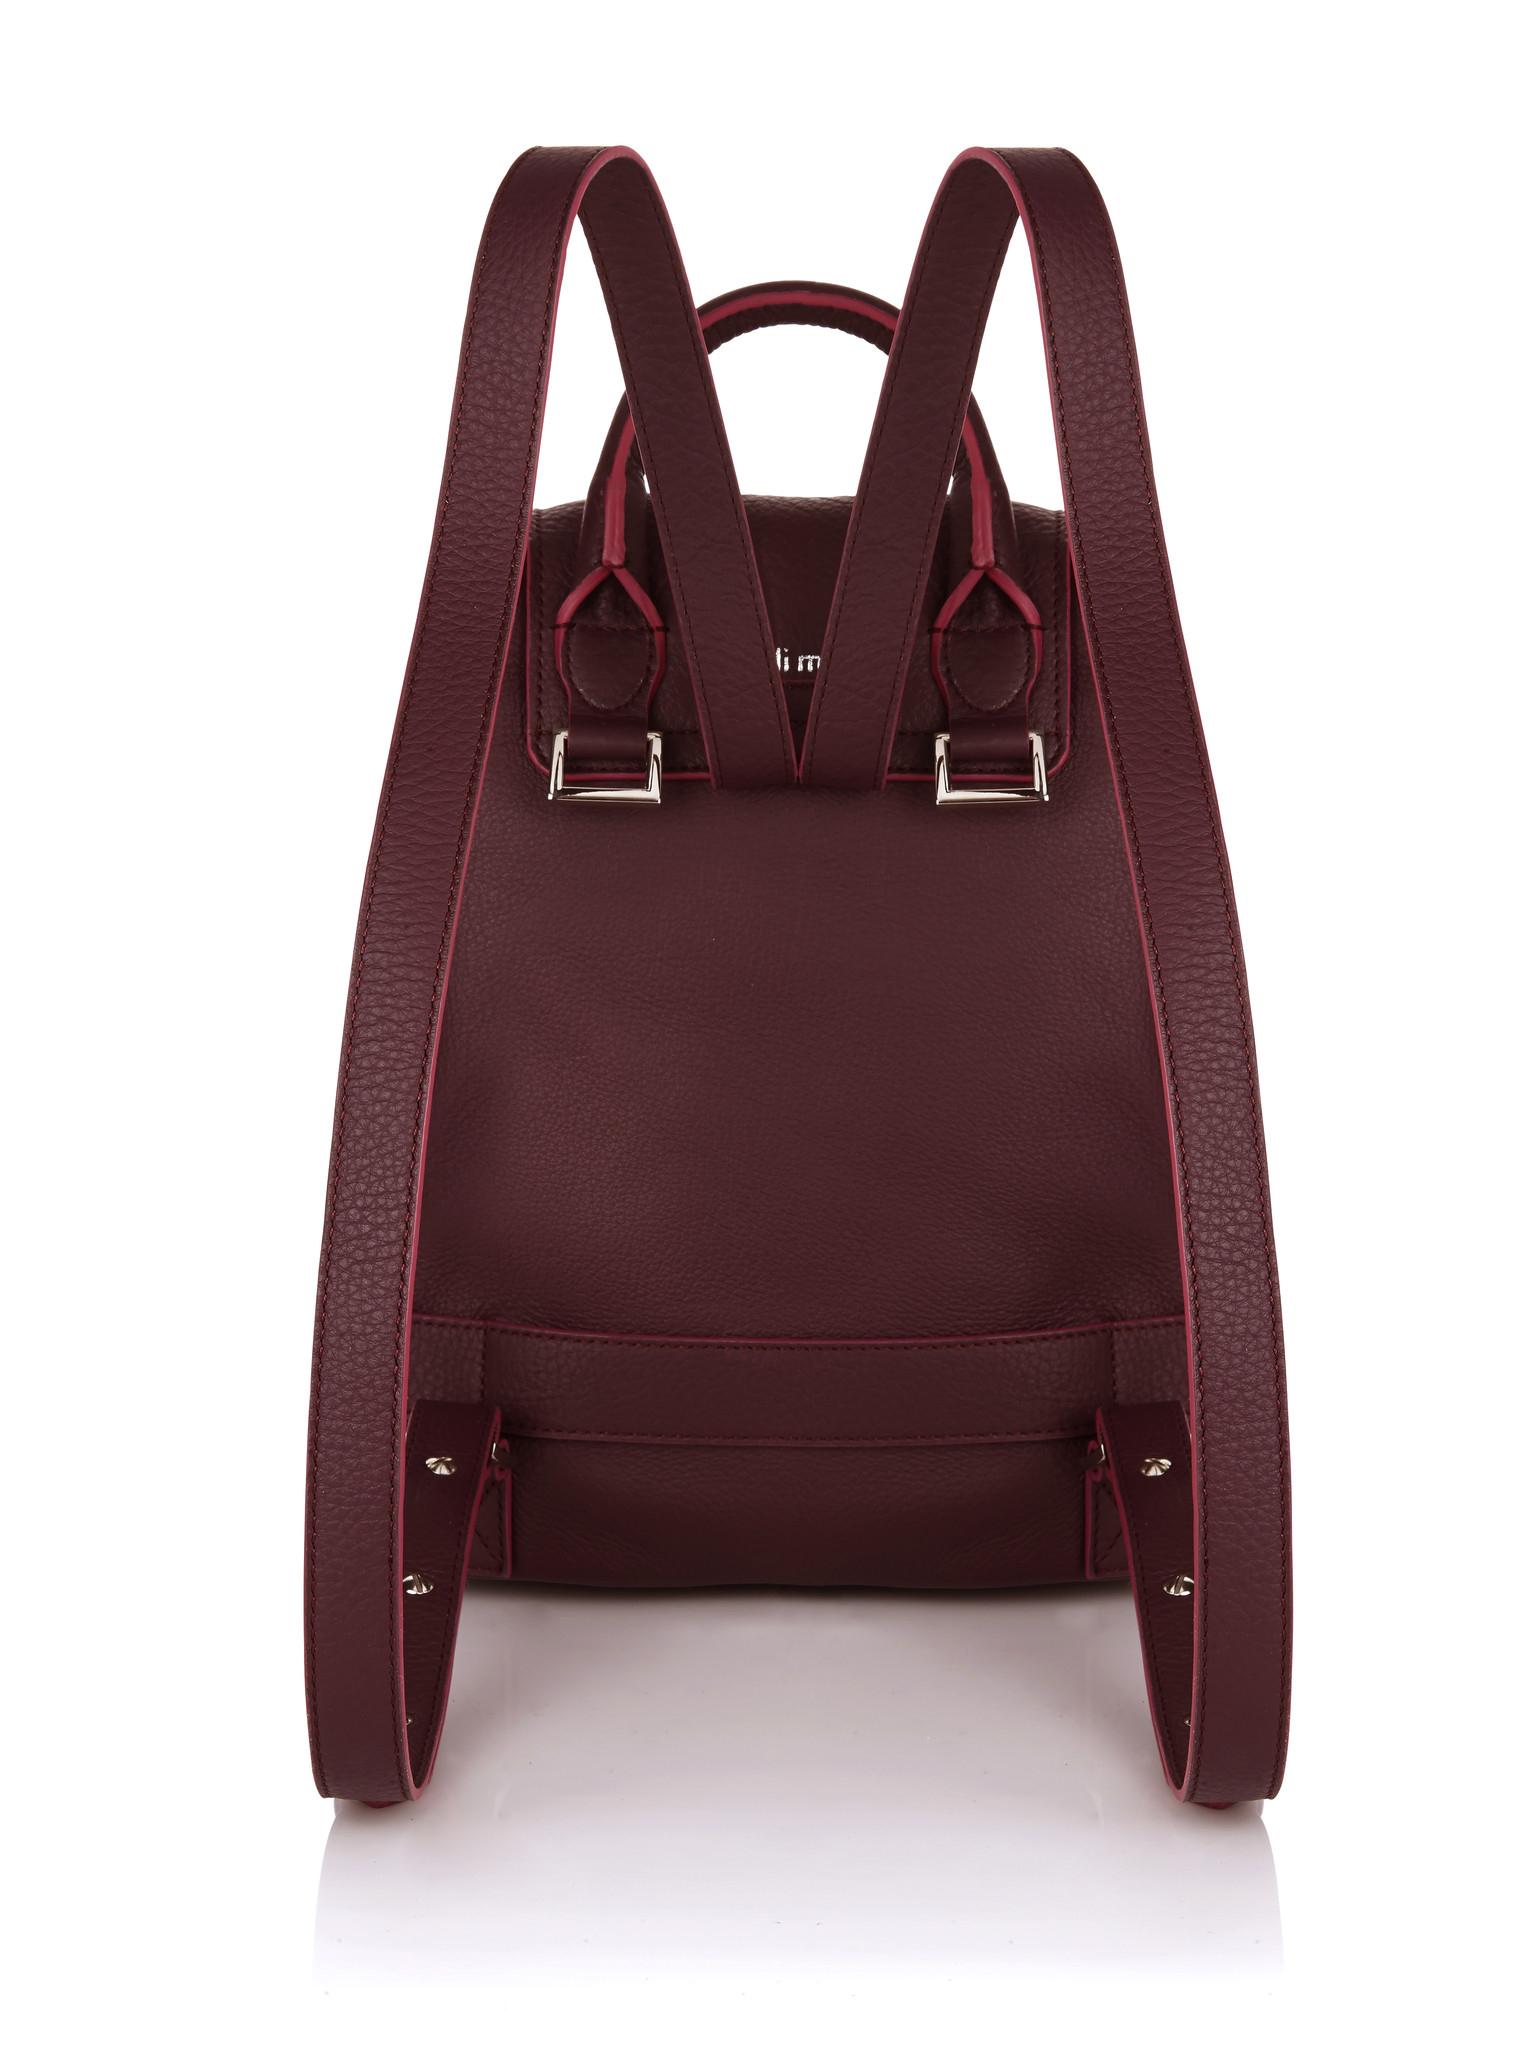 Lyst - meli melo Backpack Mini In Burgundy in Red a3cc72b2e0b8b